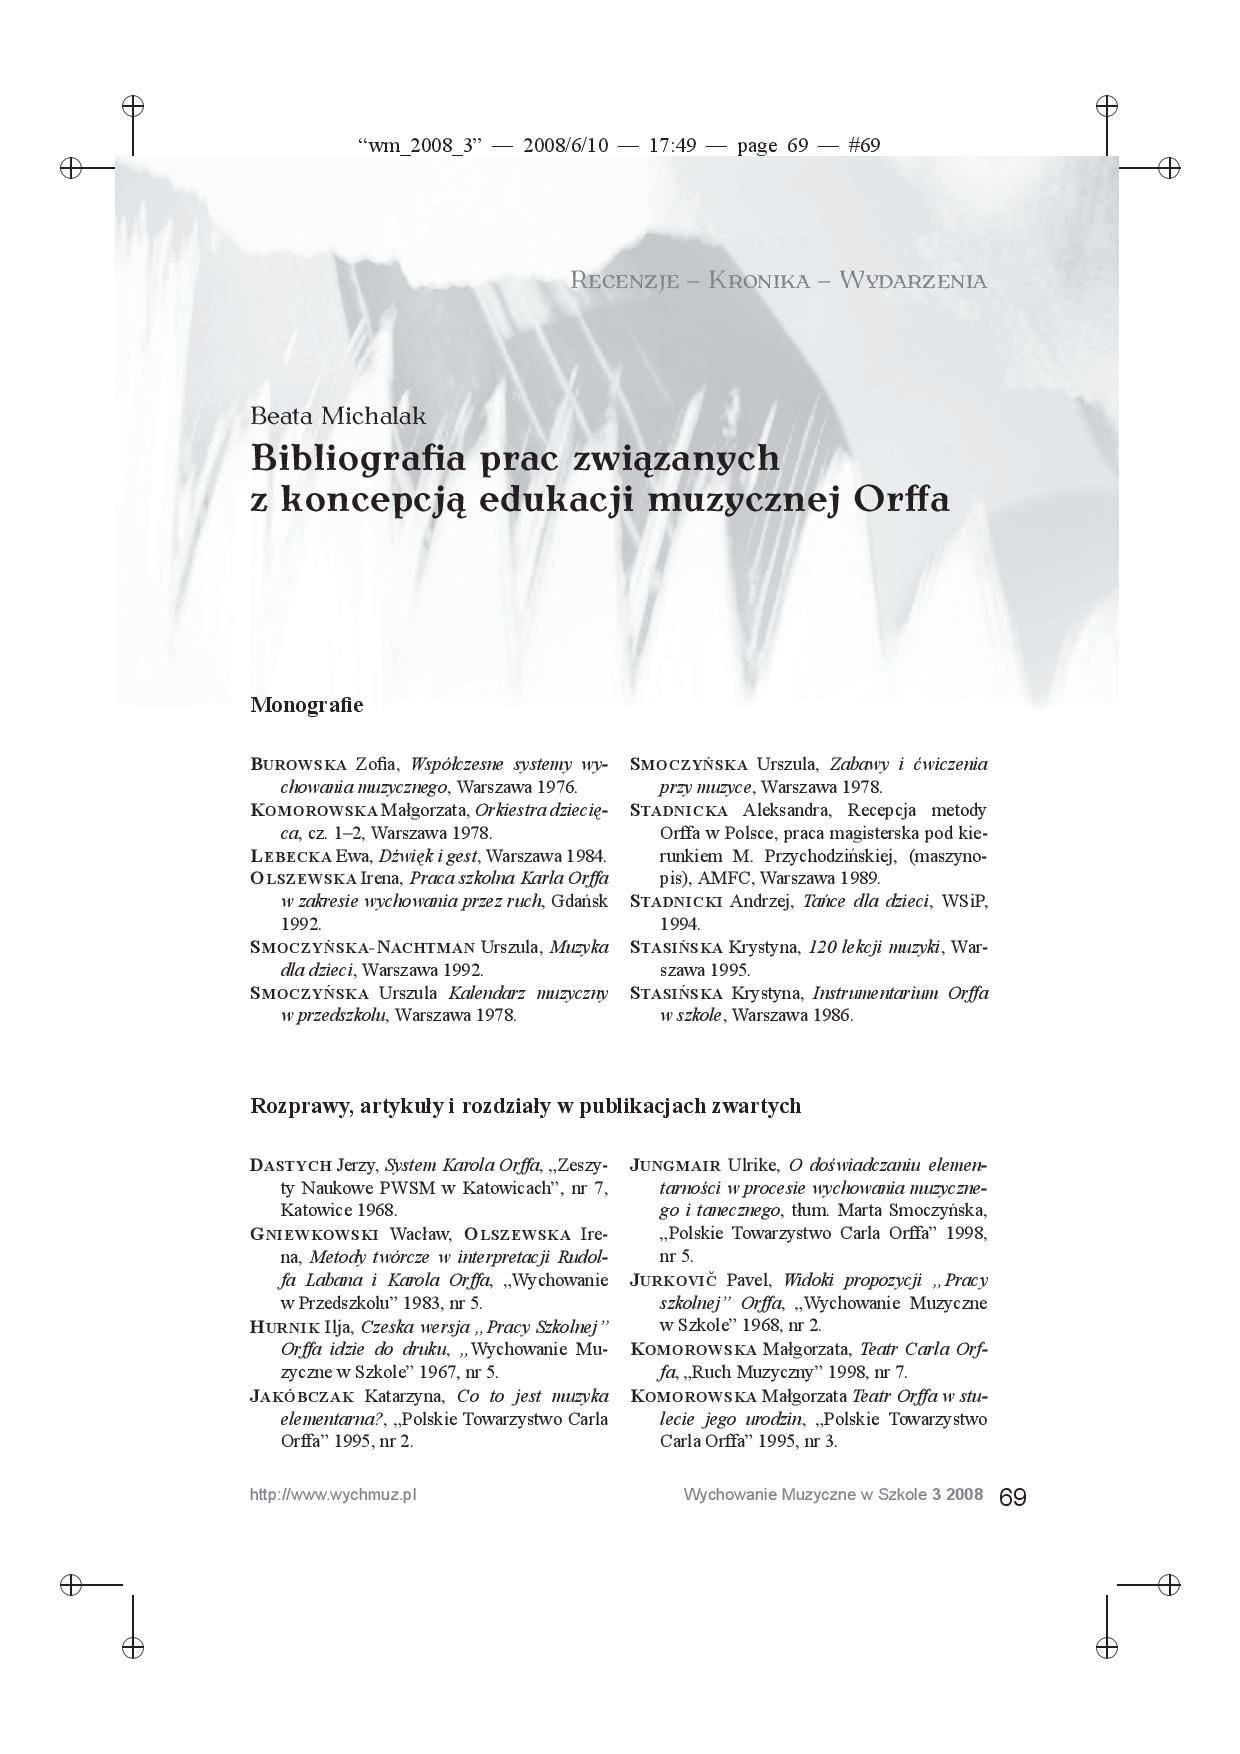 Bibliografia prac związanych z koncepcją edukacji muzycznej Orffa